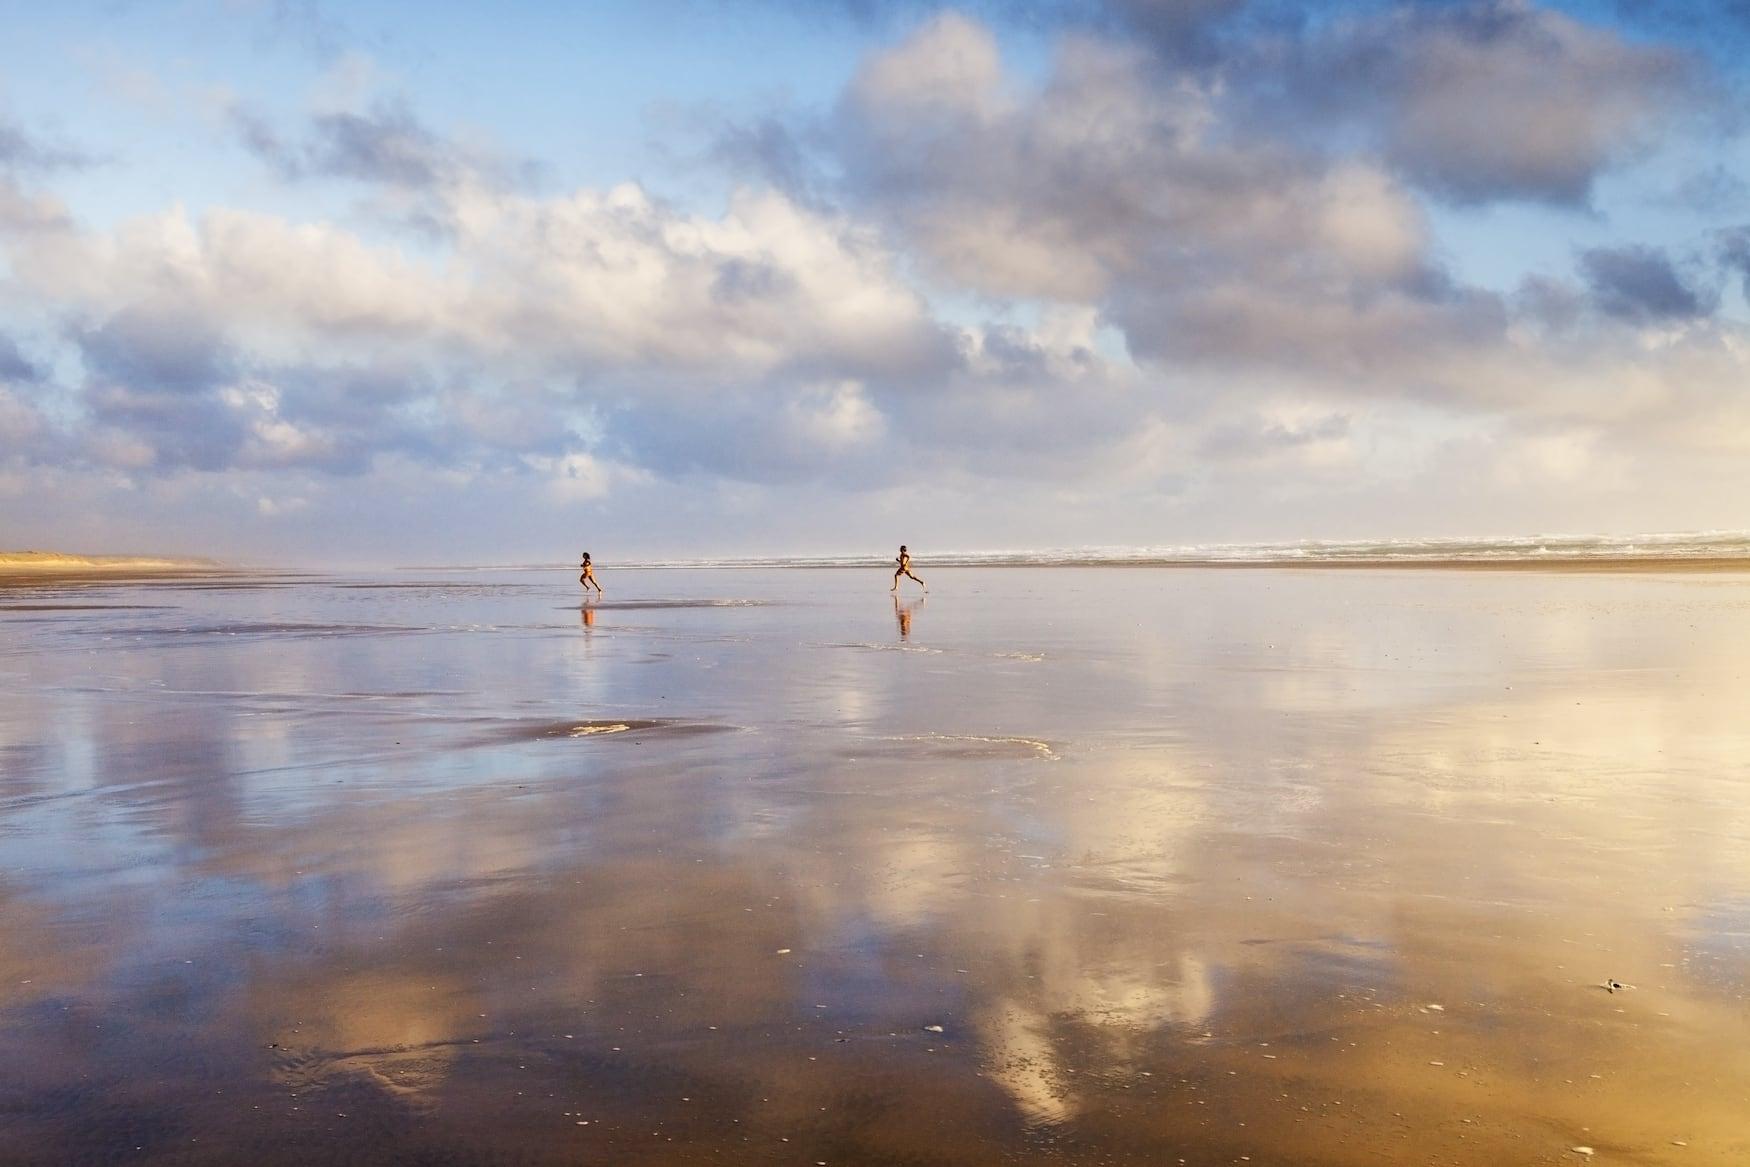 Zwei Frauen springen am Wasser entlang am Ninety Mile Beach in Neuseeland